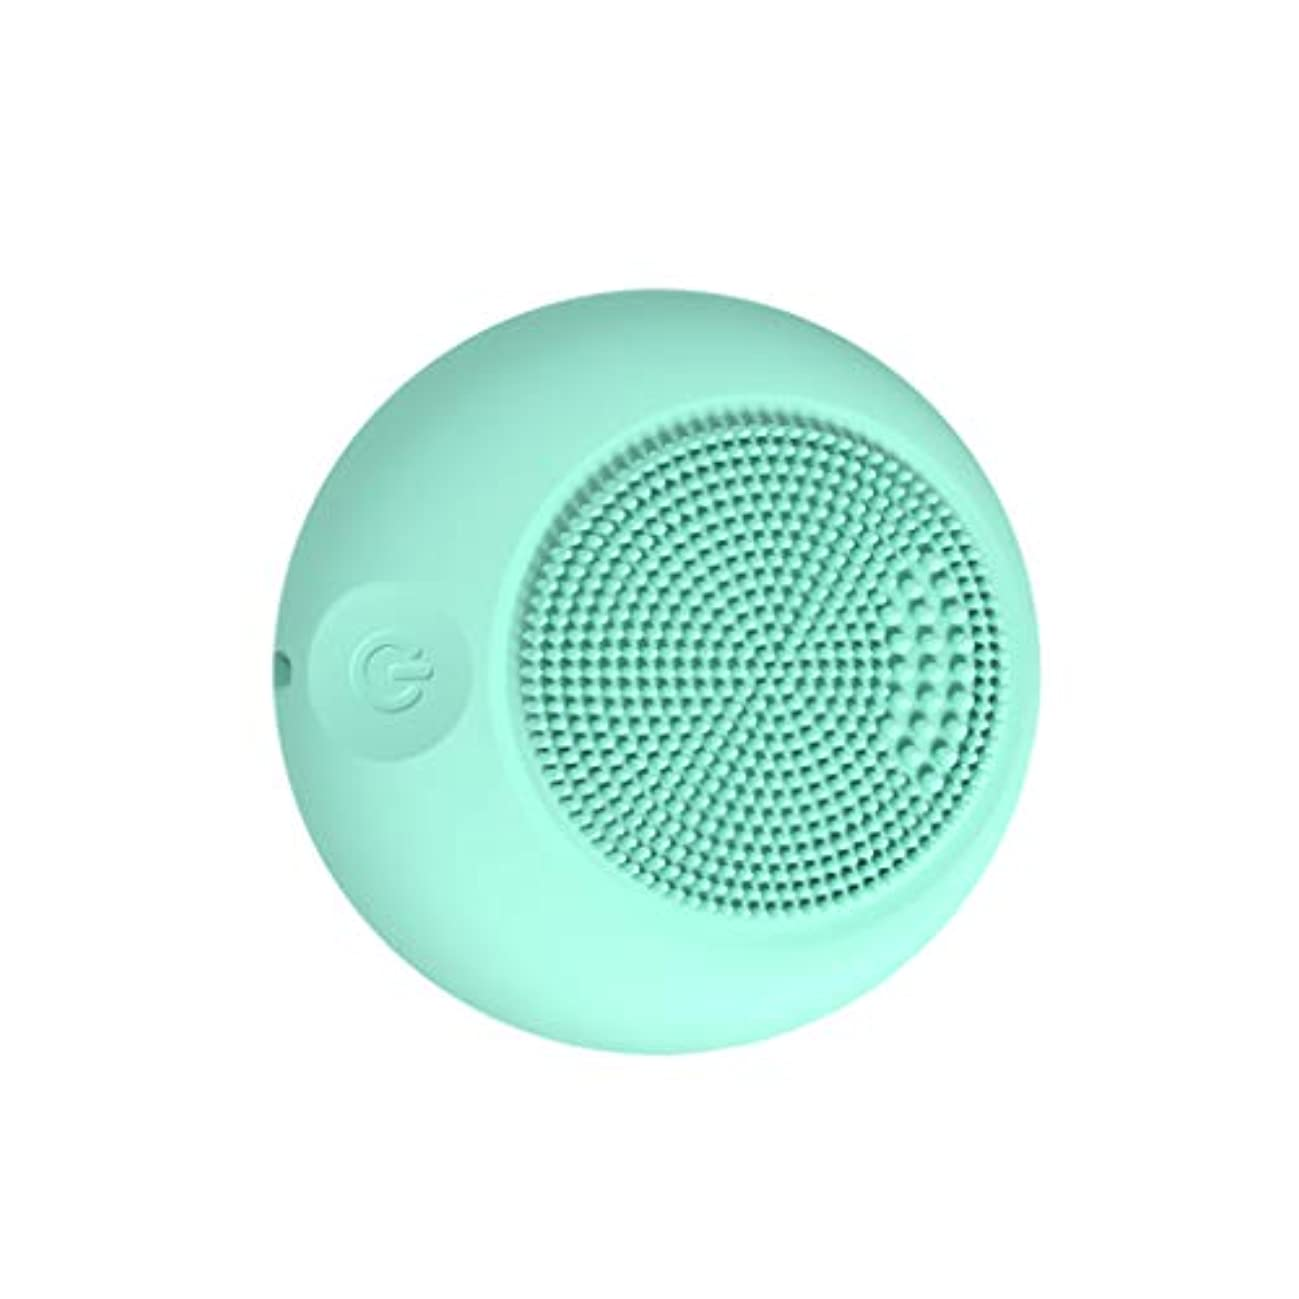 Qi フェイスクレンザーブラシ、デバイスシリコーンパッシブフェイスクリーナーポータブルポアダート除去ブラックヘッドのシンプルなスキンオイルコントロール GQ (色 : Sky blue)